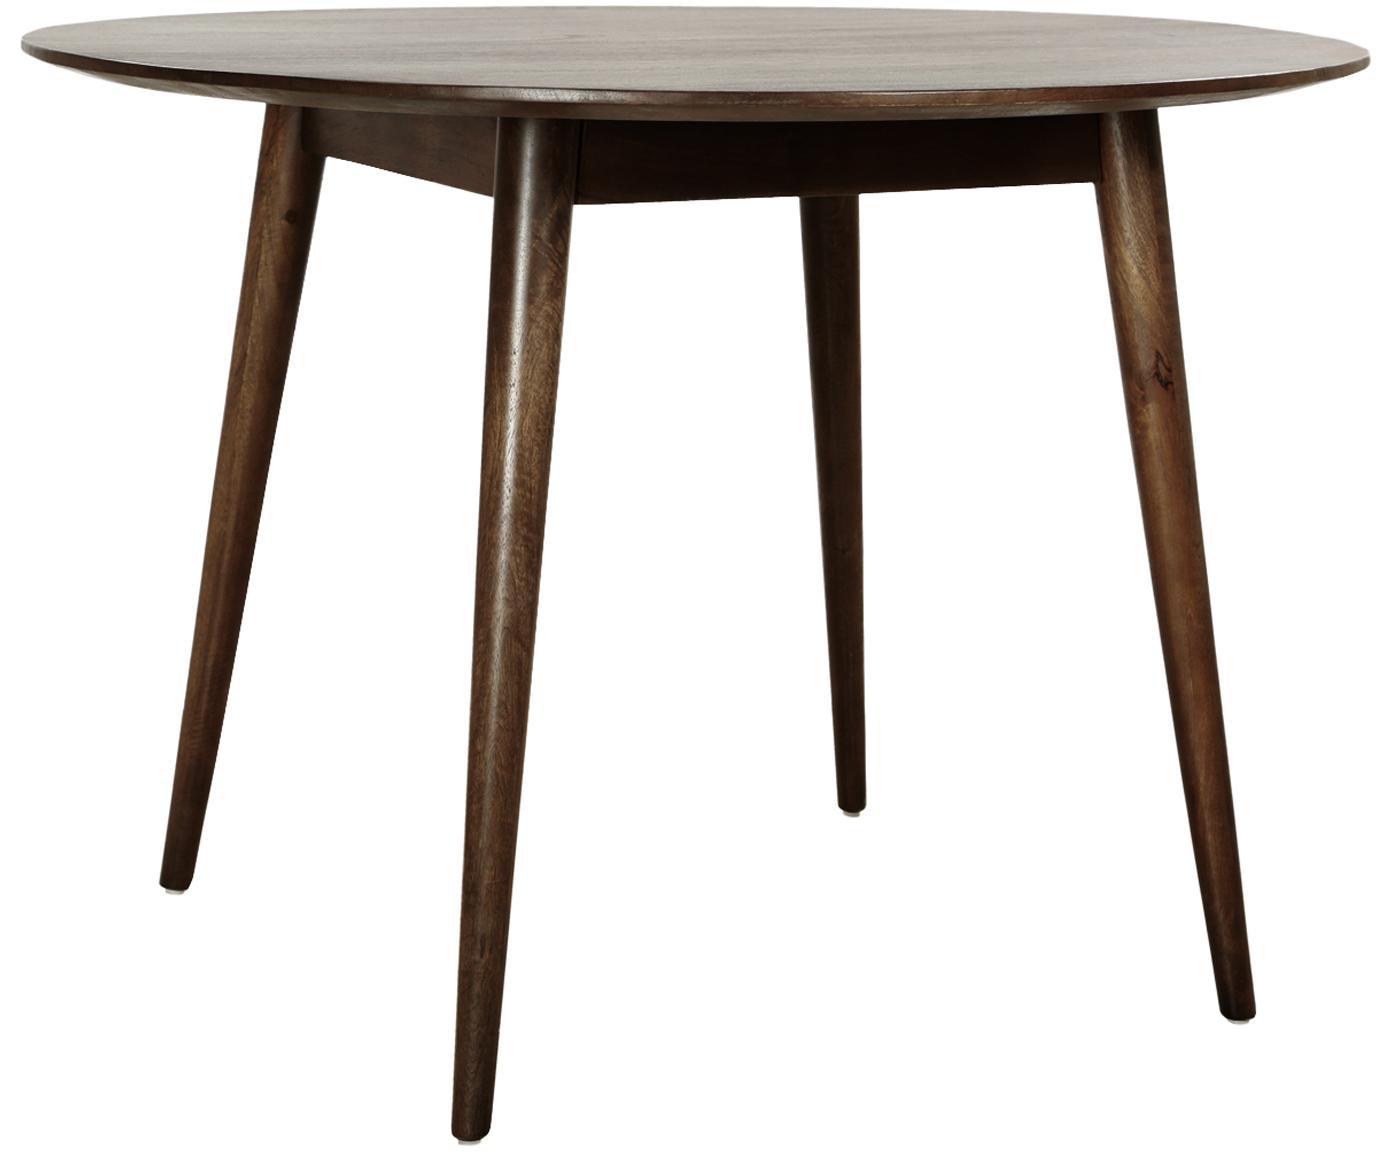 Okrągły stół do jadalni z litego drewna Oscar, Masywne drewno mangowe, lakierowane, Ciemnybrązowy, Ø 106 cm